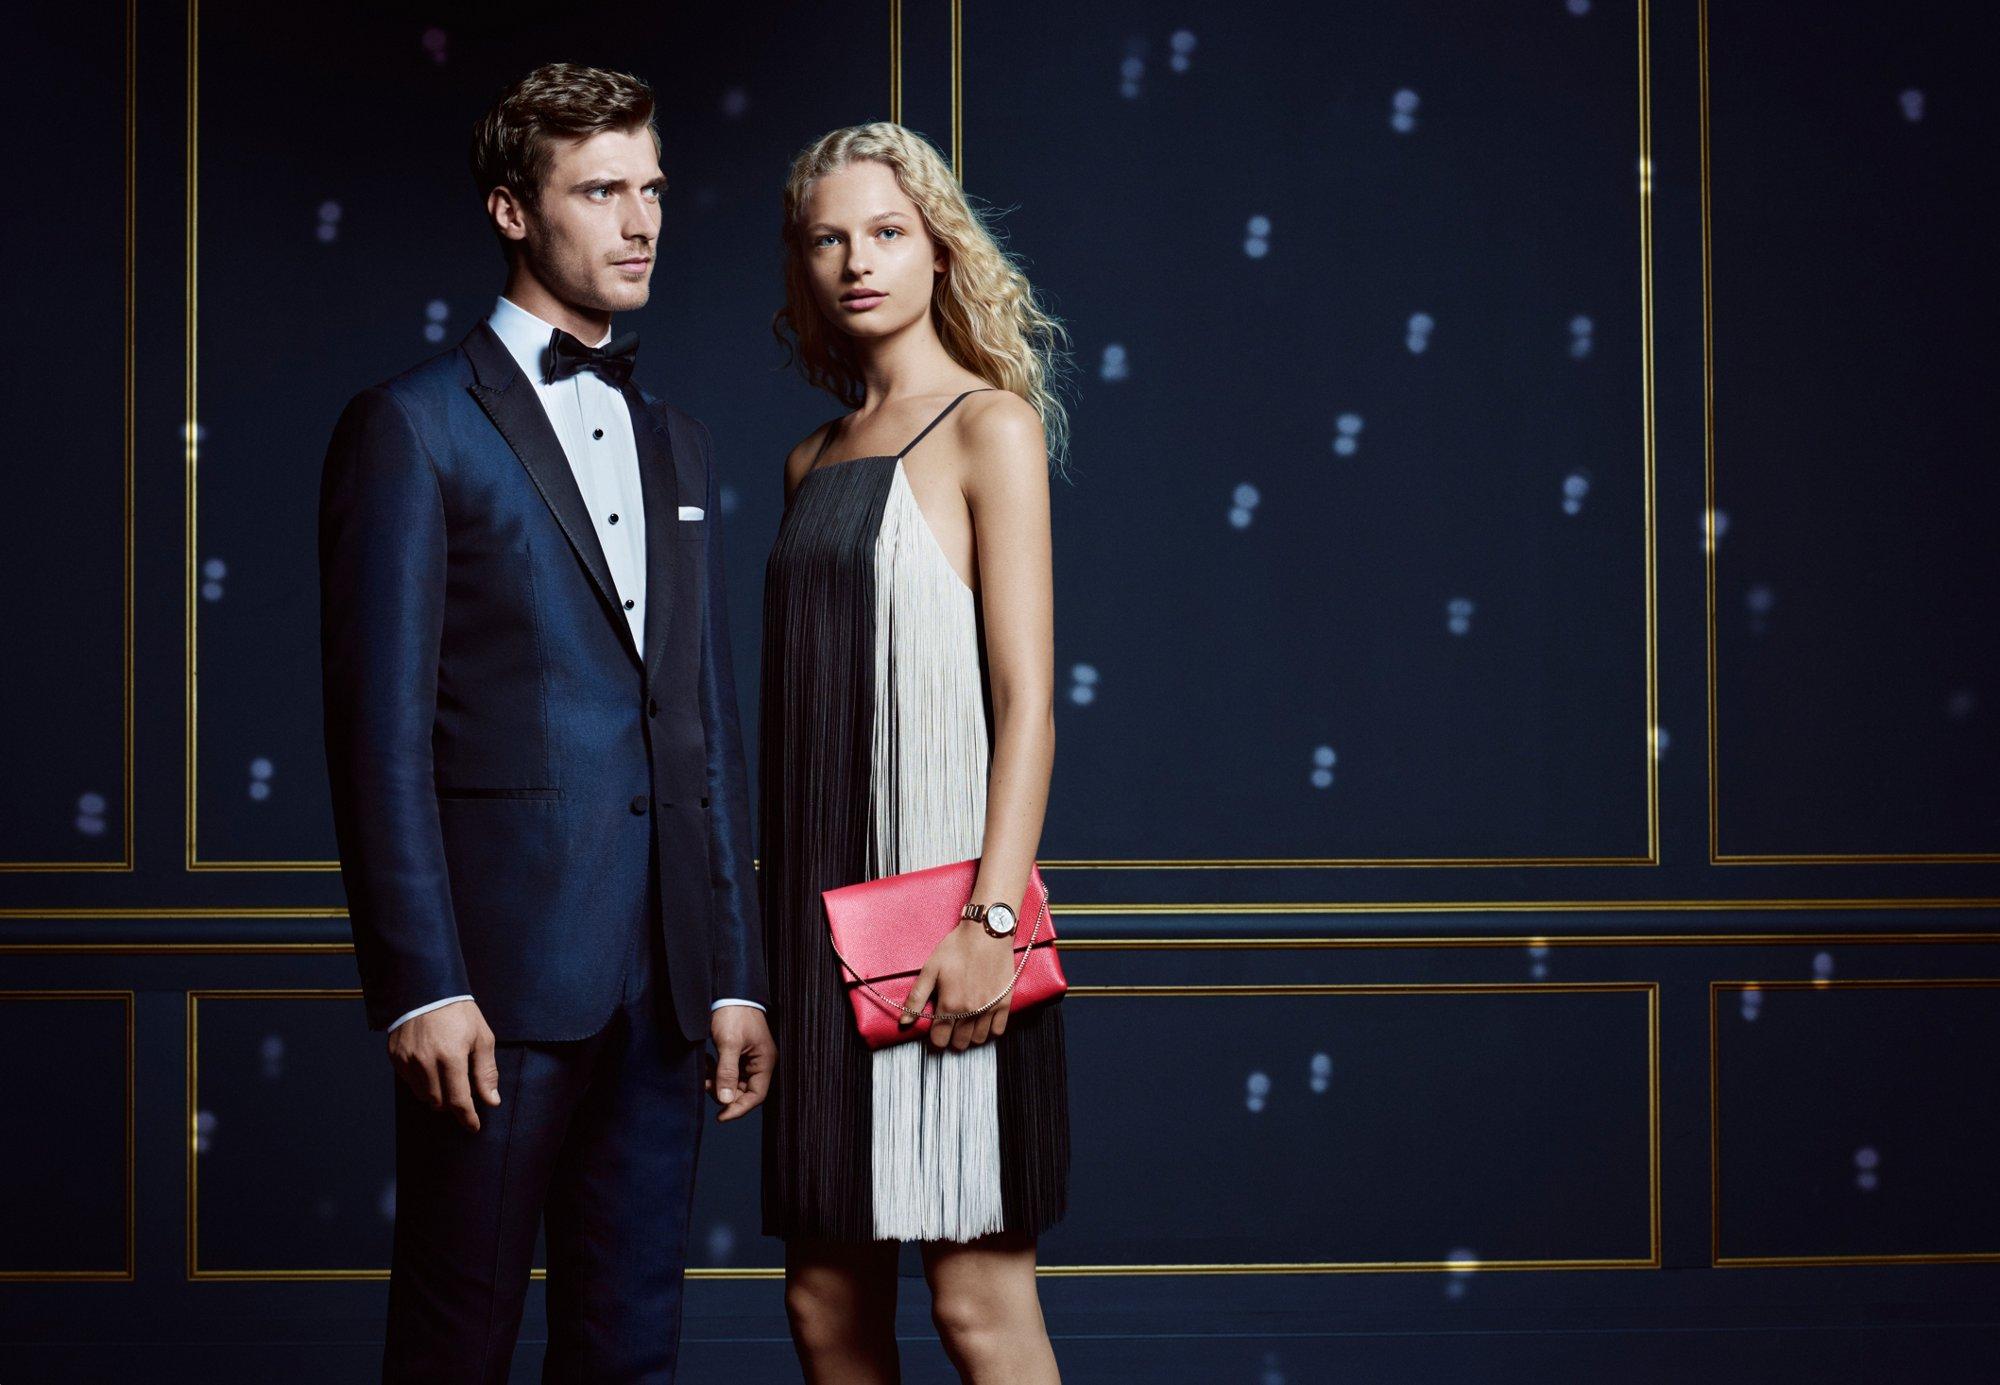 Der große Auftritt – Outfits für Damen und Herren von BOSS